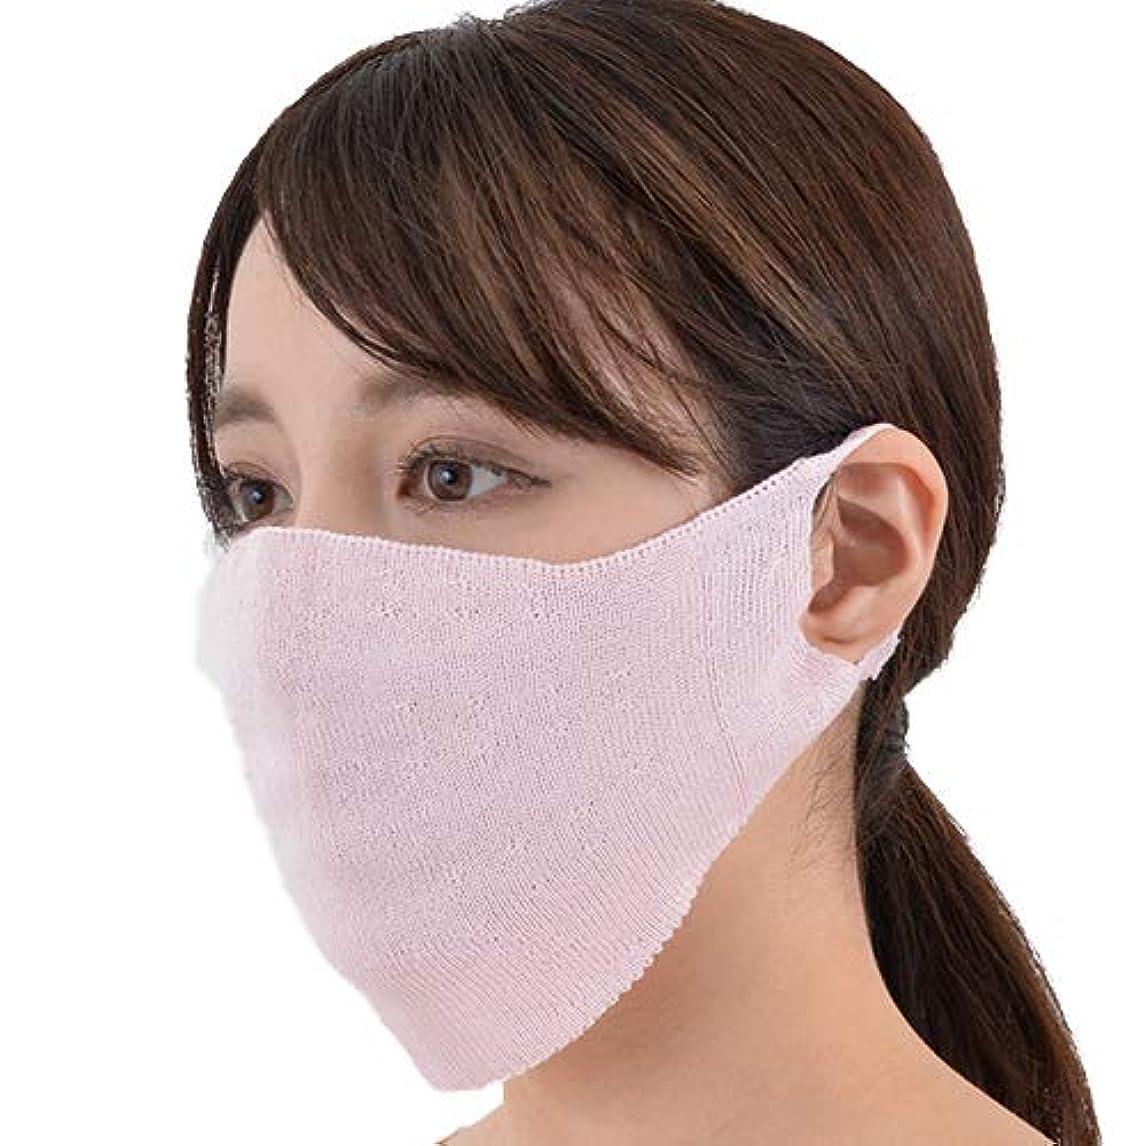 砂漠ミトン氷【SILK100%】無縫製 保湿マスク シルク100% ホールガーメント? 日本製 工場直販 (ピンク)(4045-7188)